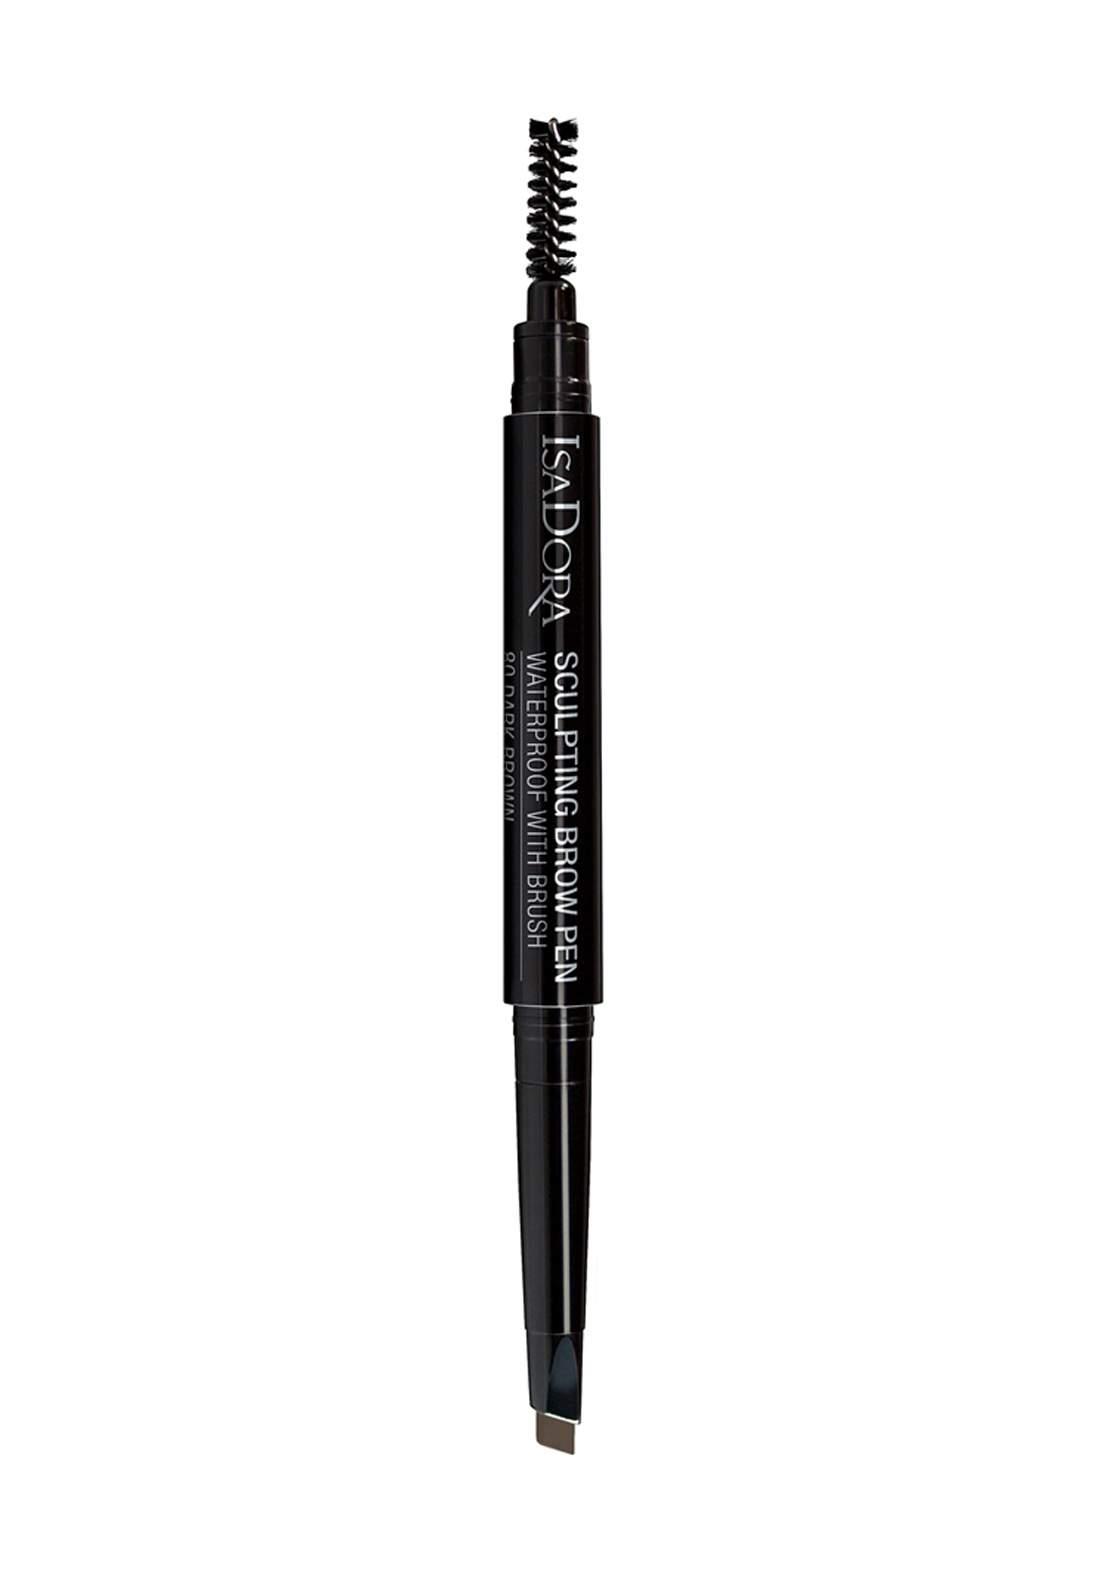 314204 Isadora Sculpting Brow Pen Waterproof -Dark Brown No.80  قلم تحديد الحواجب بالفرشاة